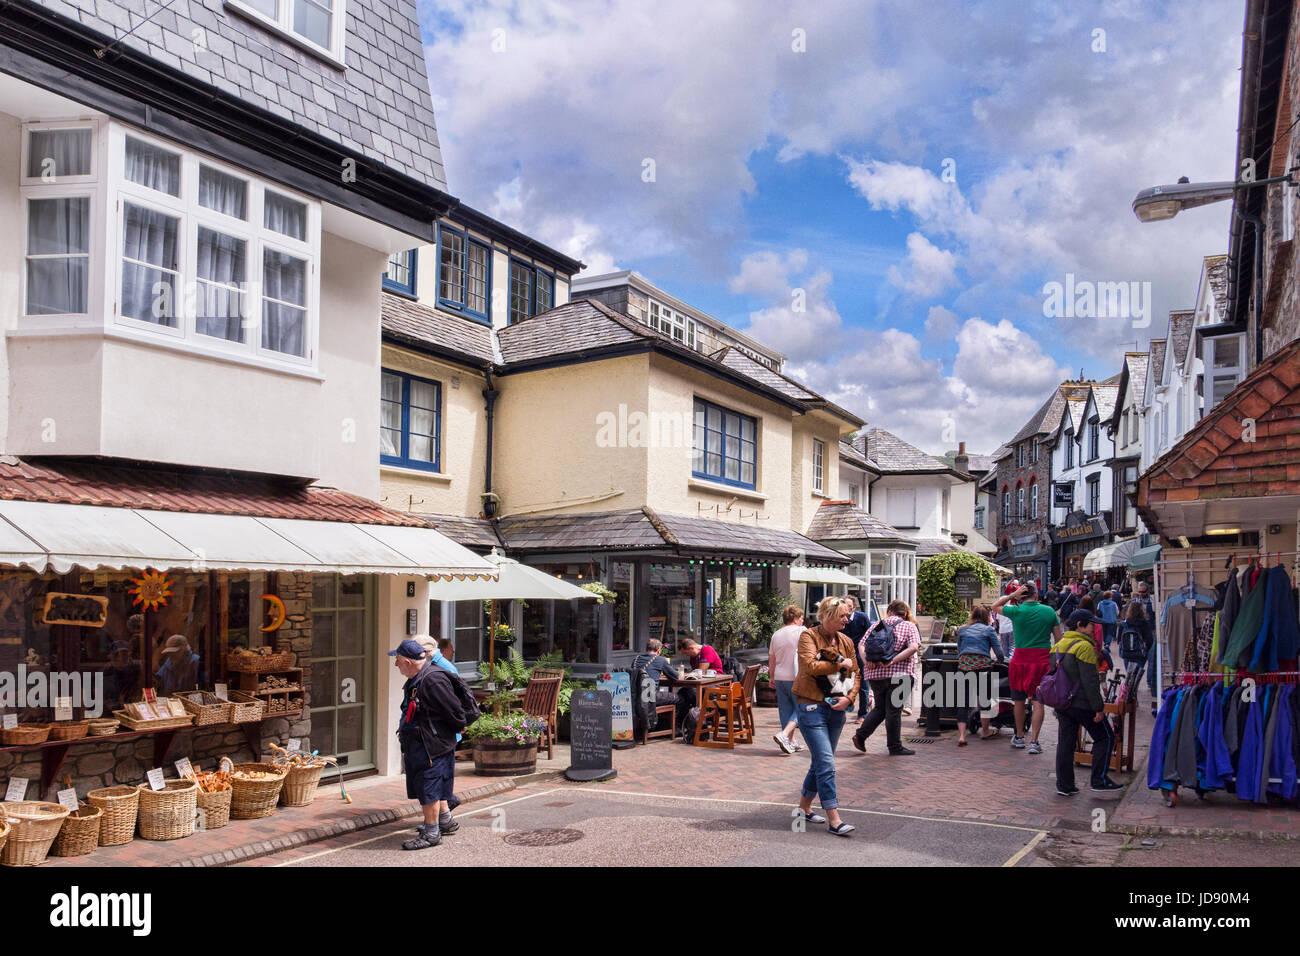 12 de junio de 2017: Lynmouth, Devon, Inglaterra, Reino Unido - multitudes de compras en Lynmouth concurrida calle. Imagen De Stock